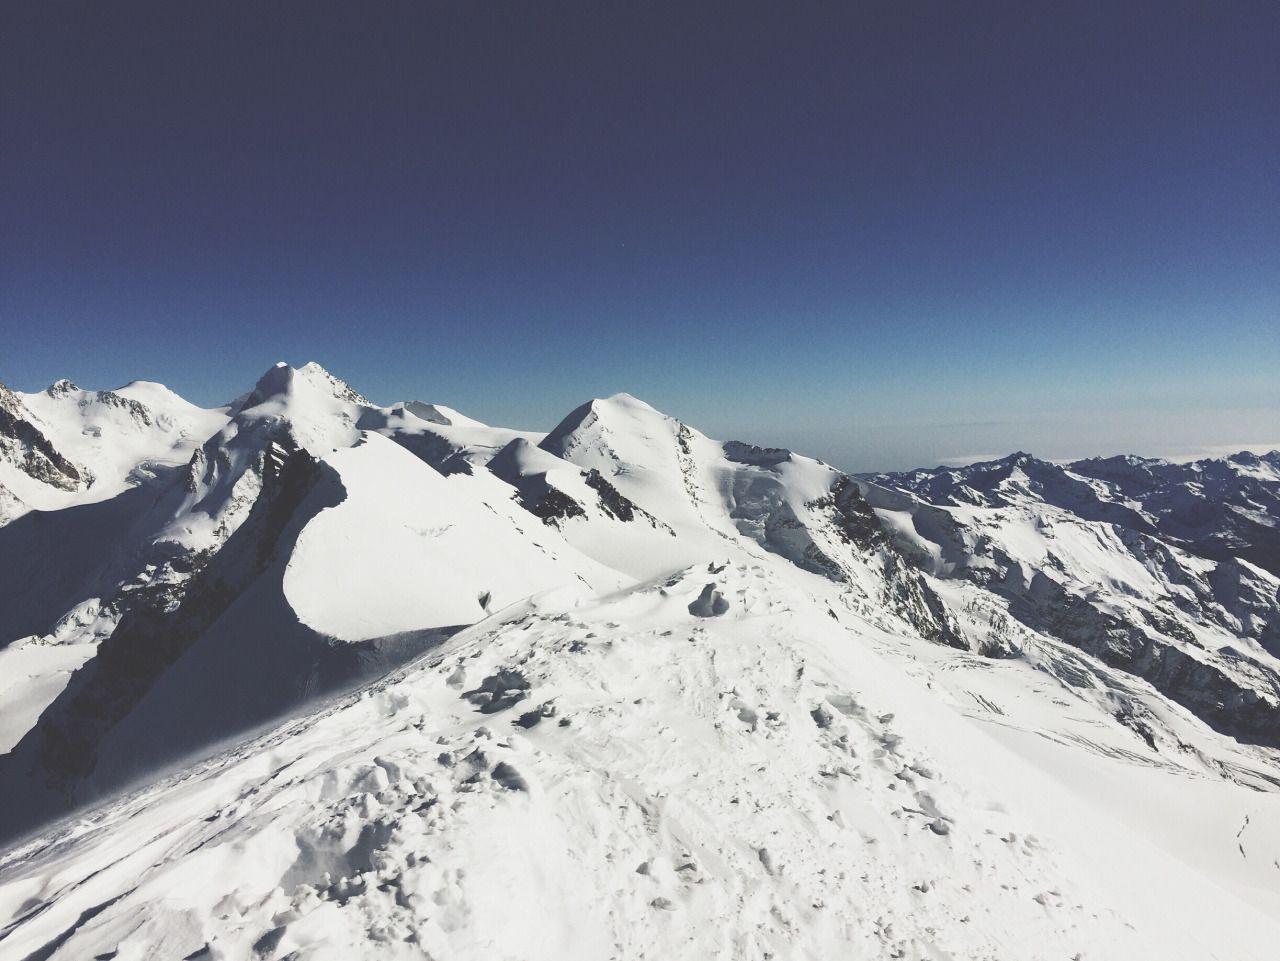 Dalla cima del Breithorn. 4164 m slm